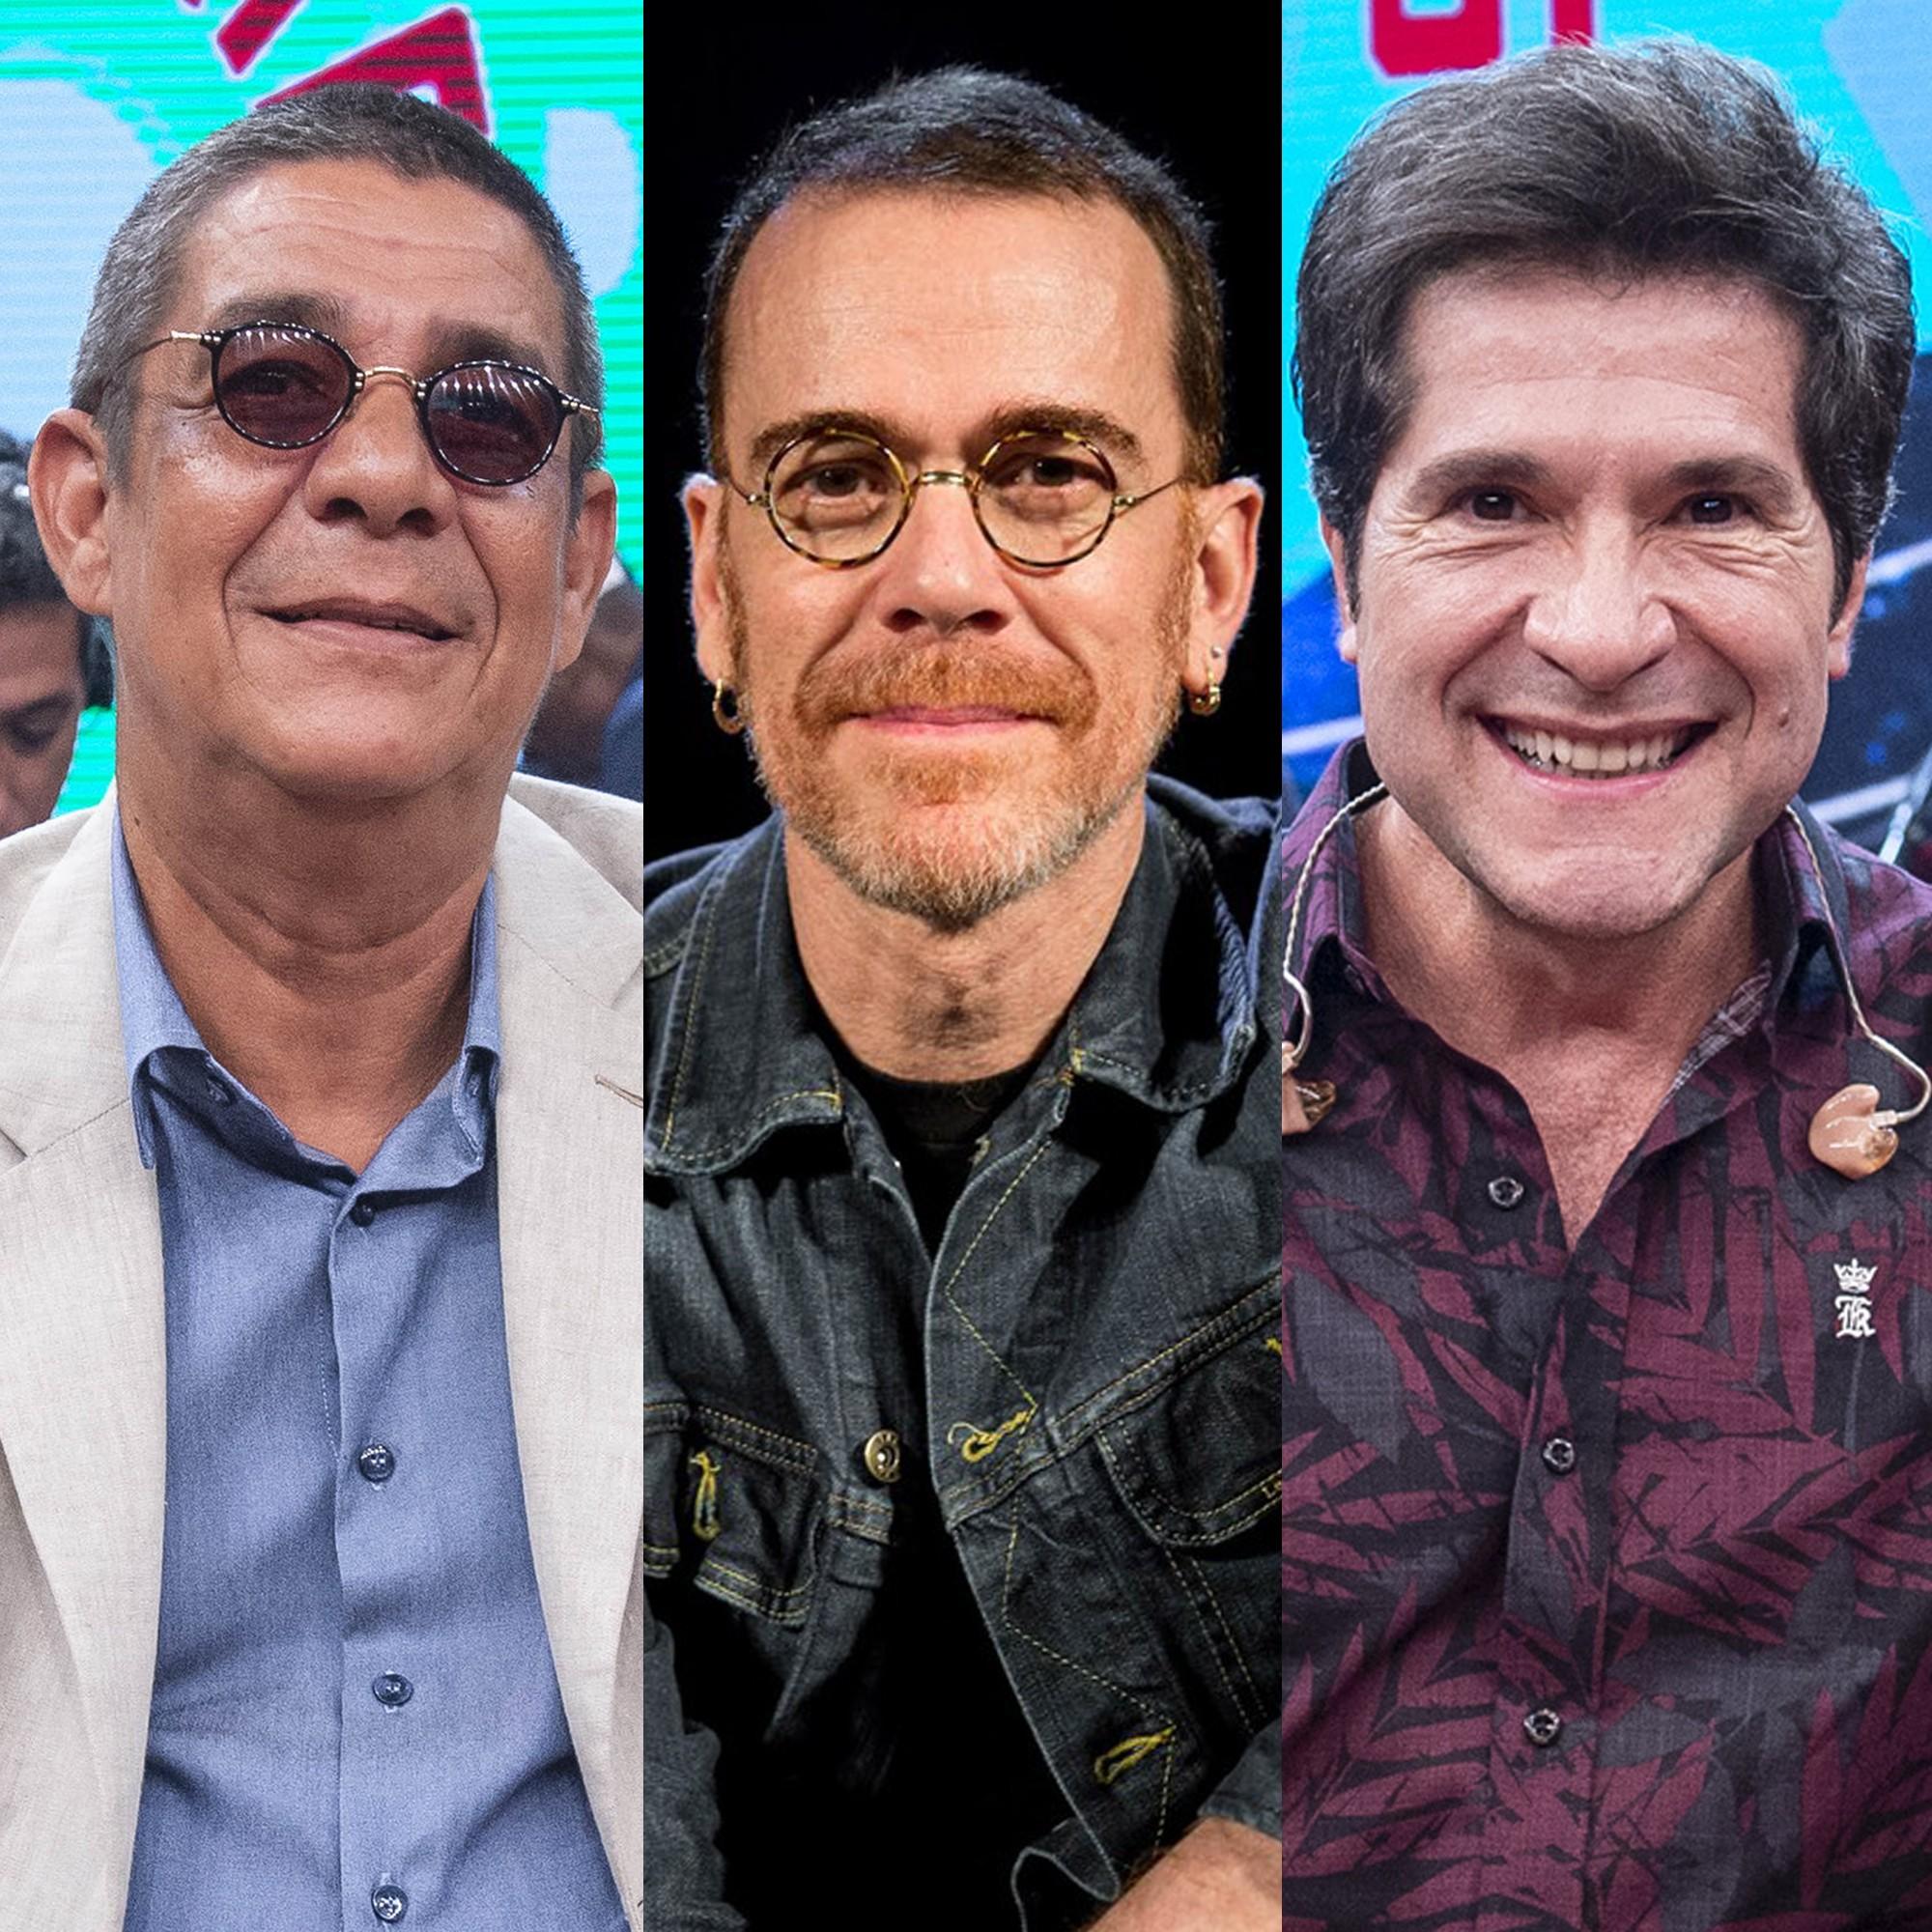 Lives de hoje: Zeca Pagodinho, Nando Reis, Daniel e mais shows para ver no Dia dos Pais